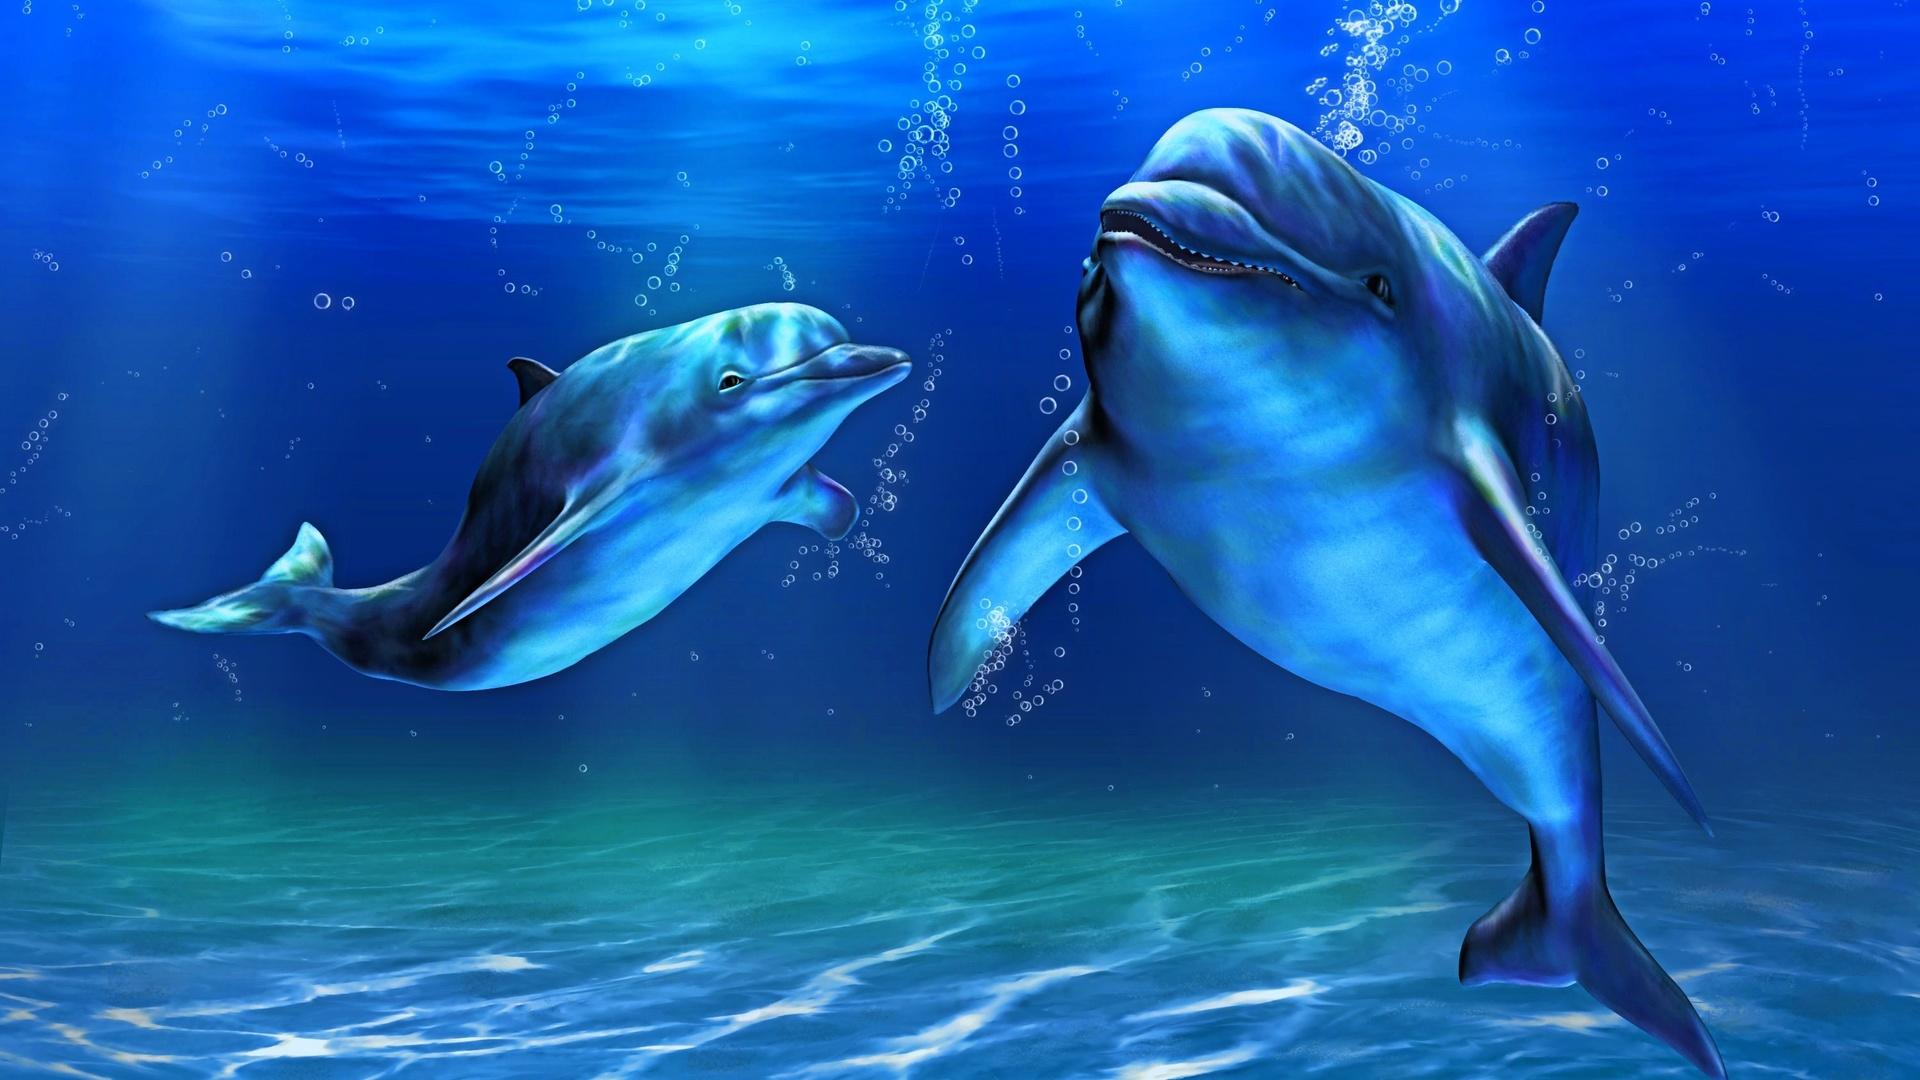 Картинка с дельфинчиками, ноября день народного